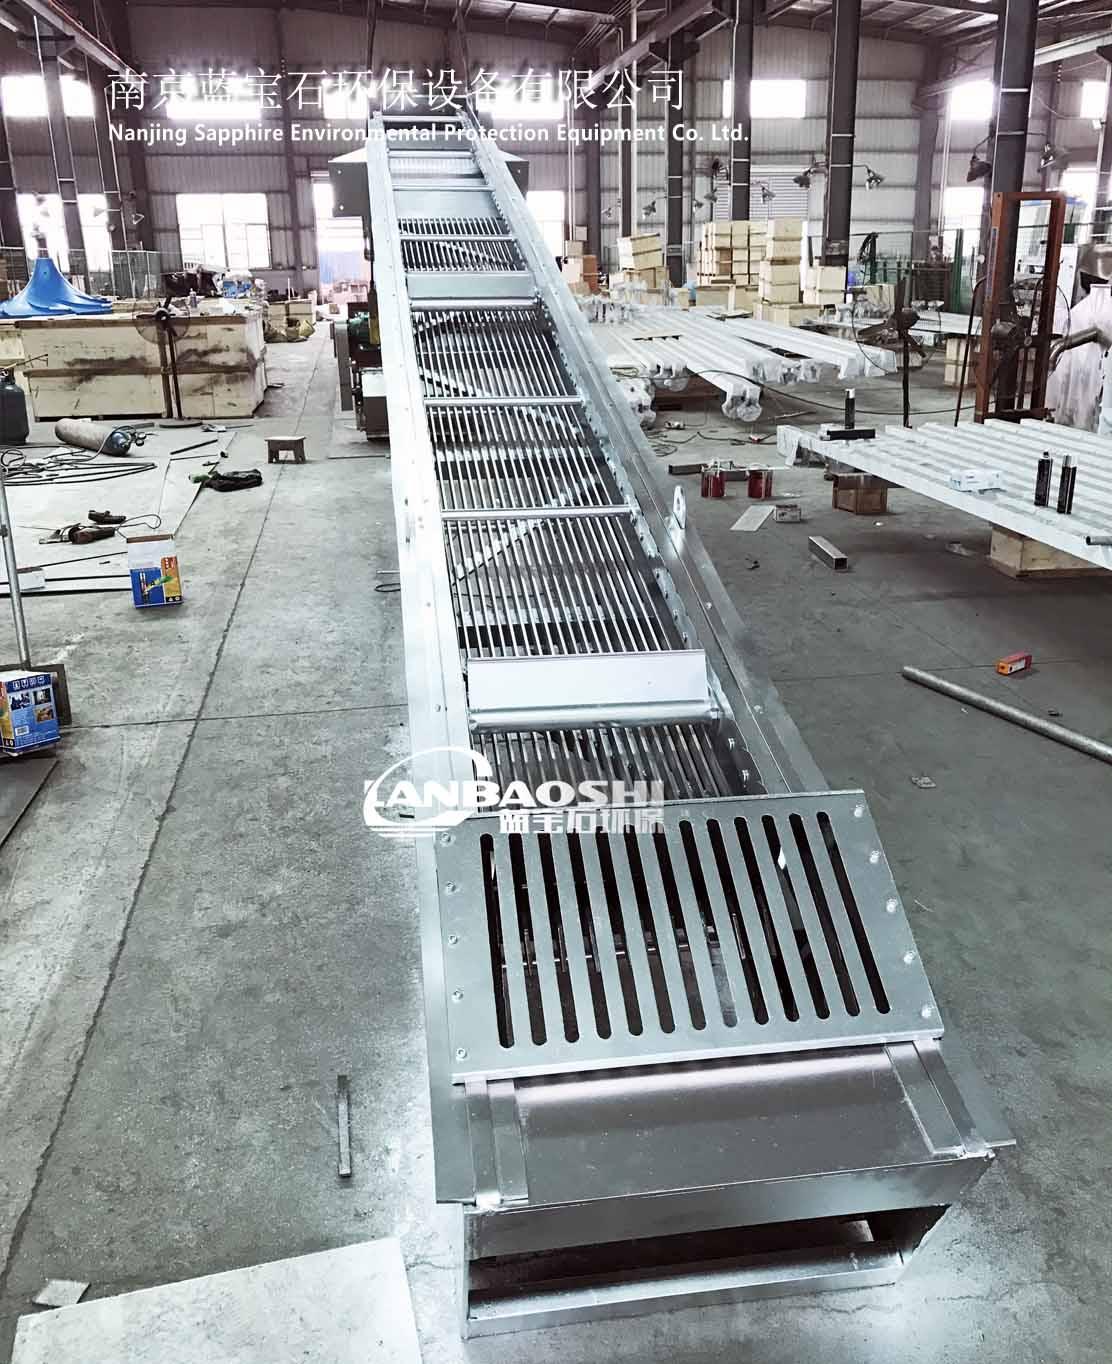 链板式格栅除污机回转式粗格栅加工定制